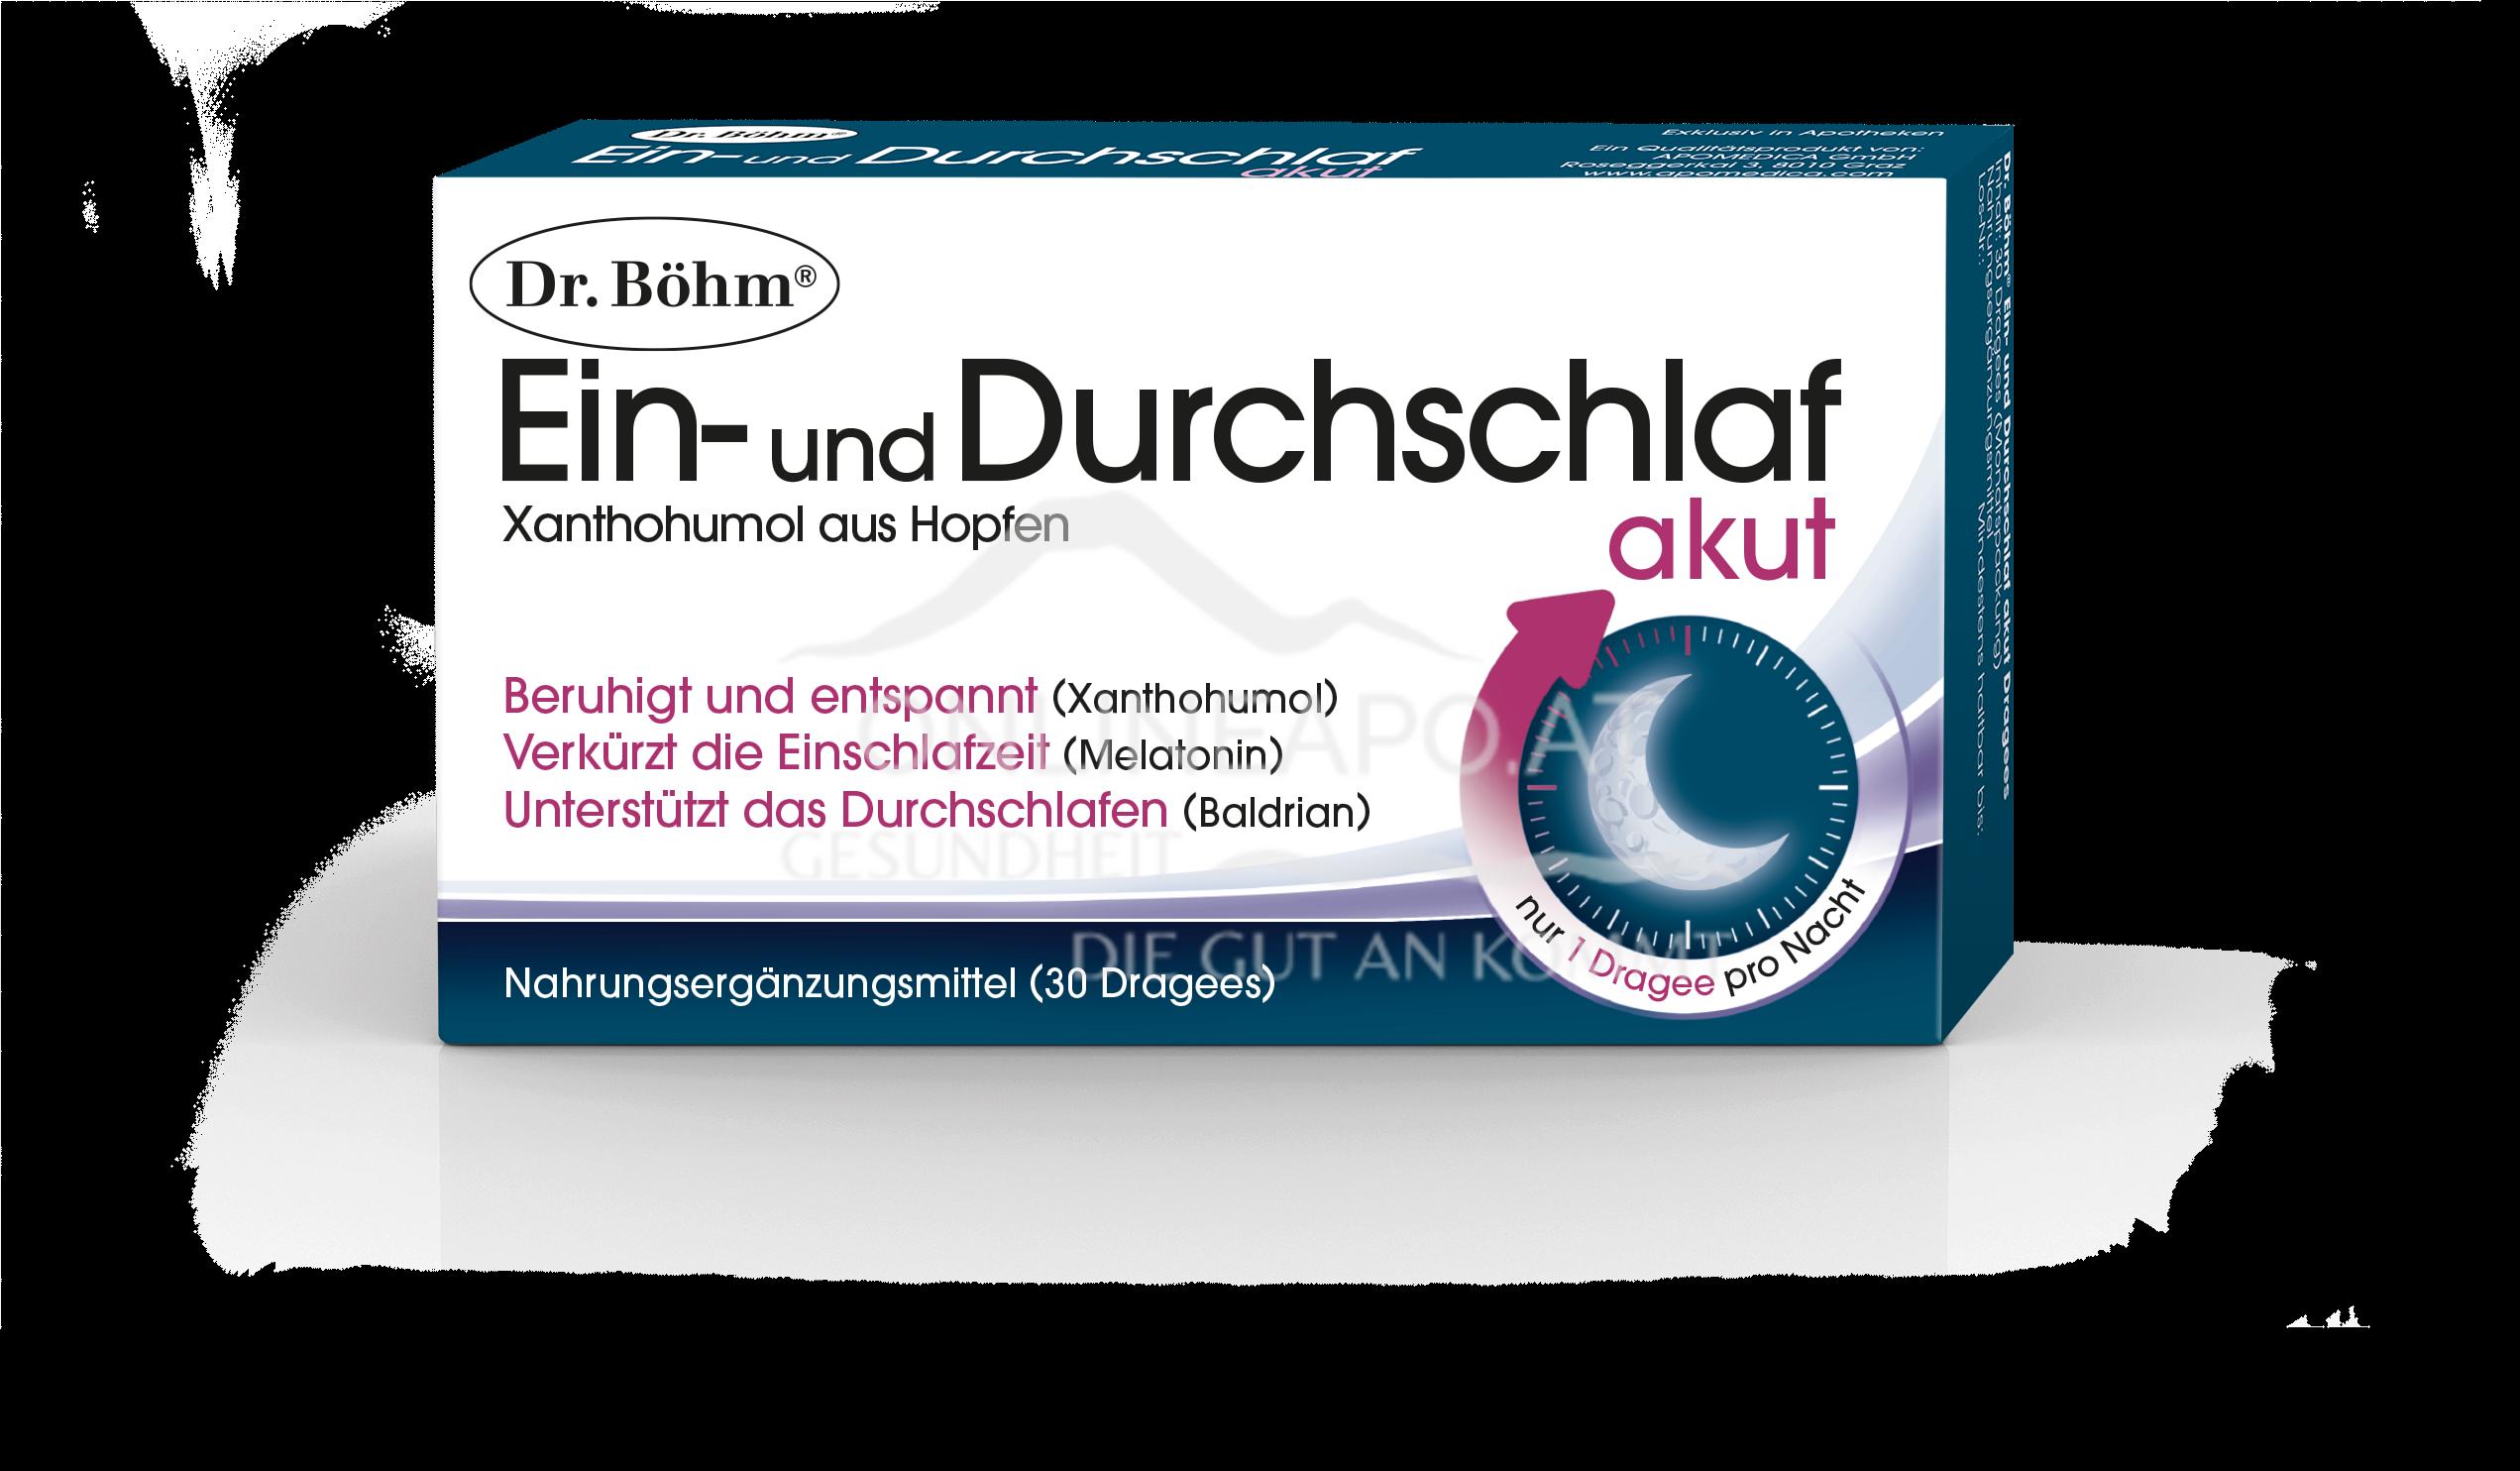 Dr. Böhm® Ein- und Durchschlaf akut